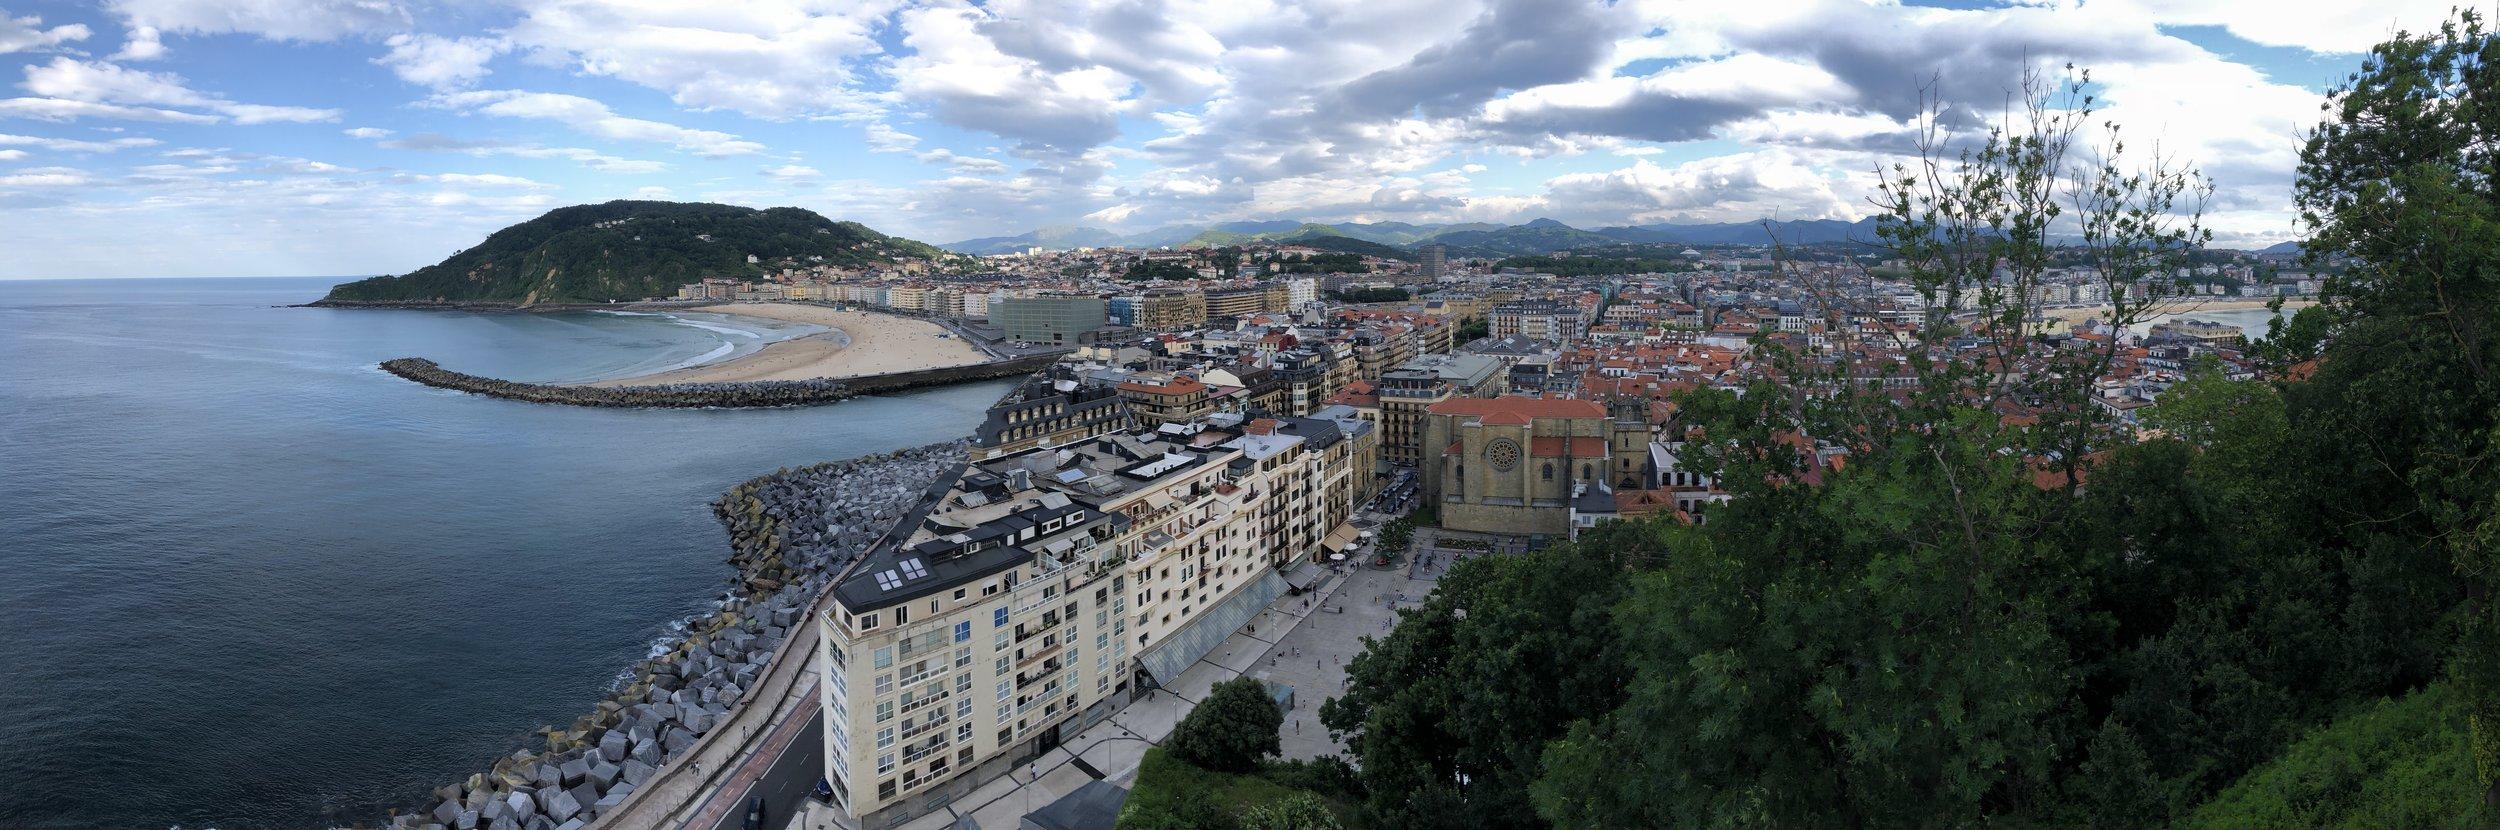 Beautiful view of San Sebastian